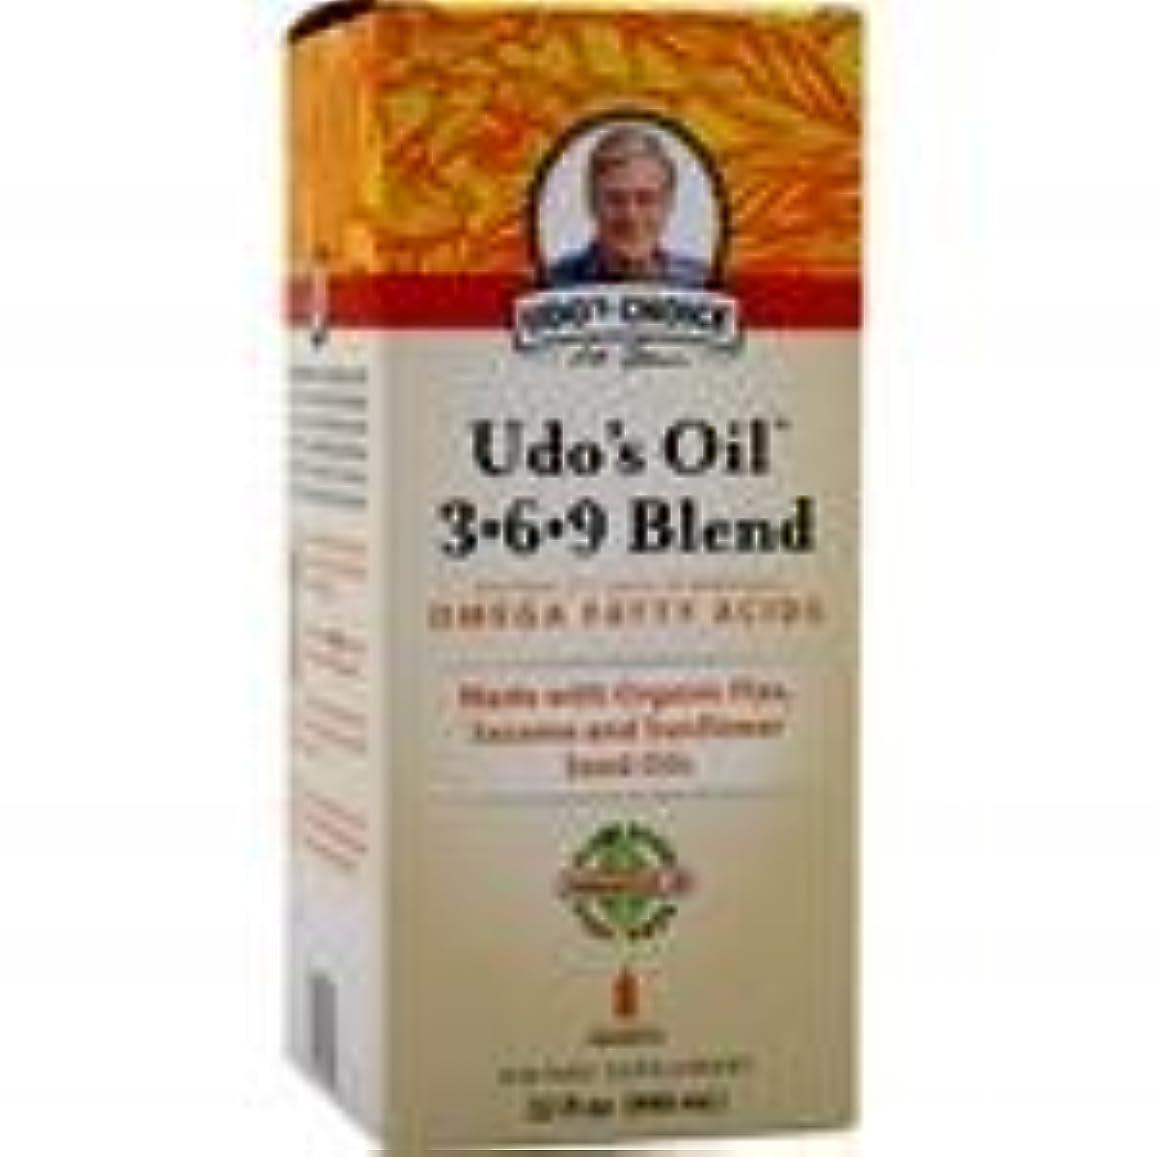 サポートアサーリッチUdo's Oil 3-6-9 Blend Liquid 32 fl.oz 4個パック